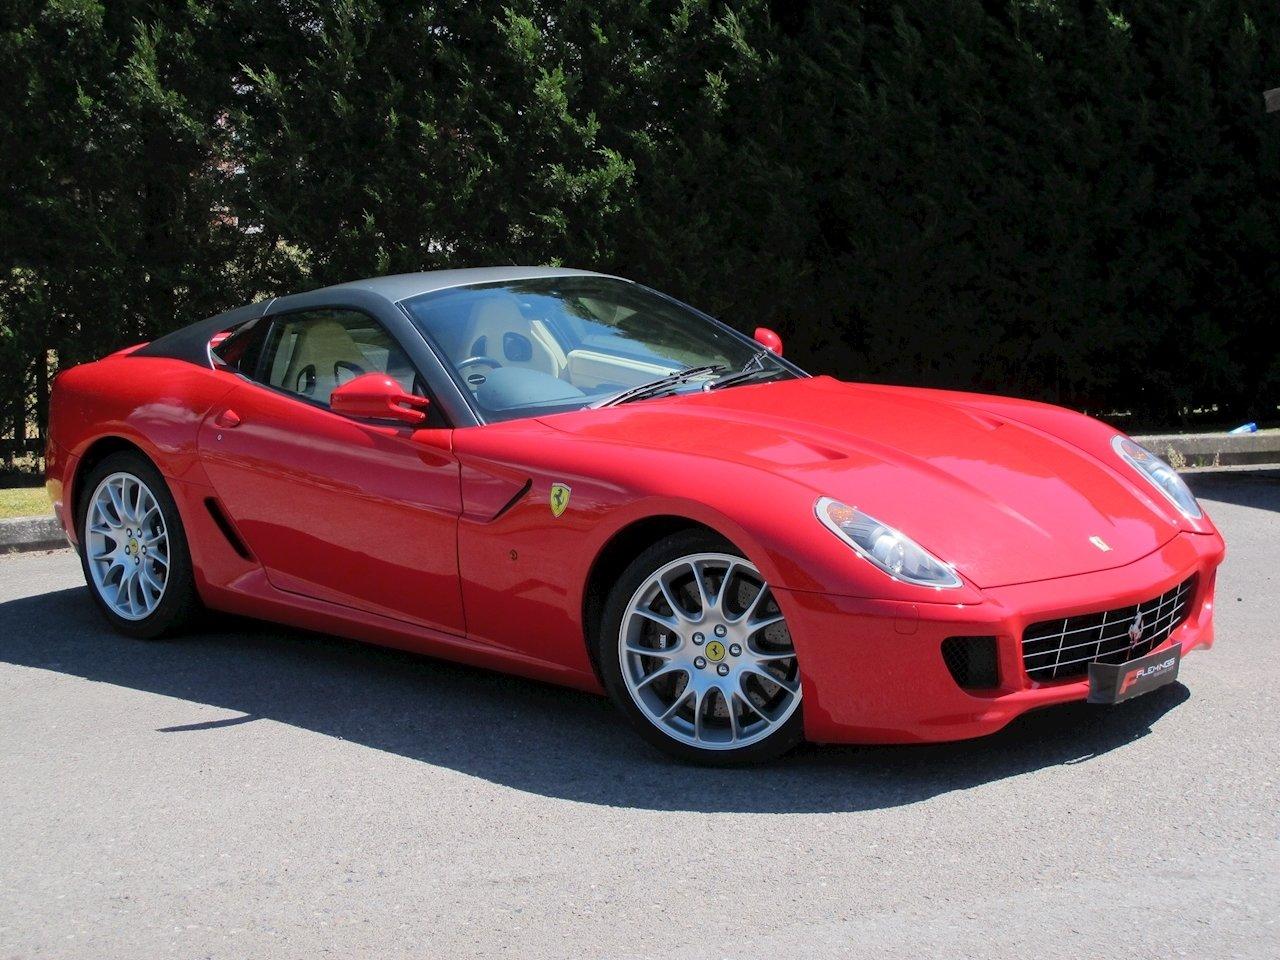 2006 Ferrari 599 GTB Fiorano  For Sale (picture 1 of 6)